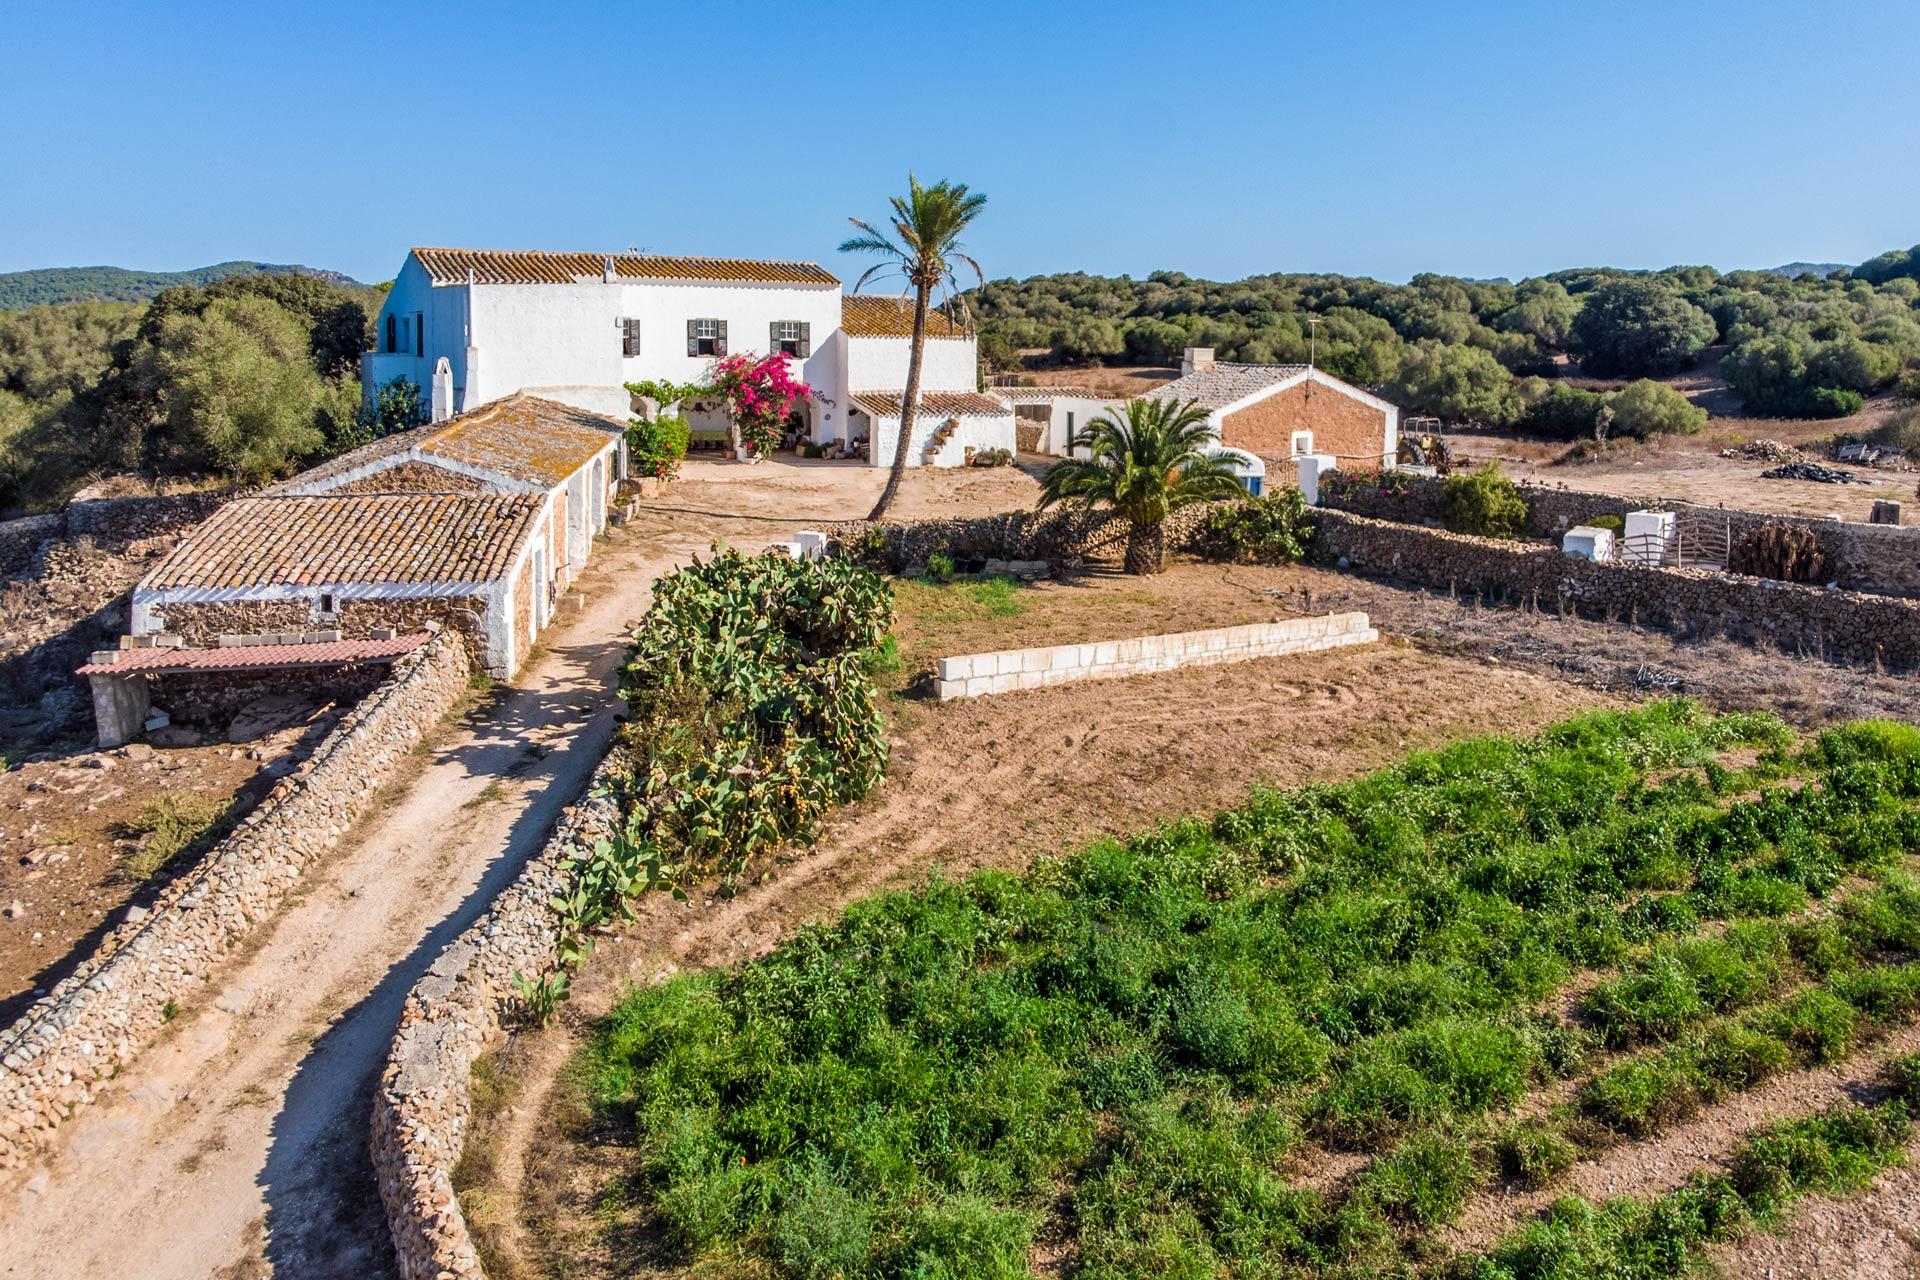 ¿Cómo eran las casas de lujo en Menorca hace 200 años?